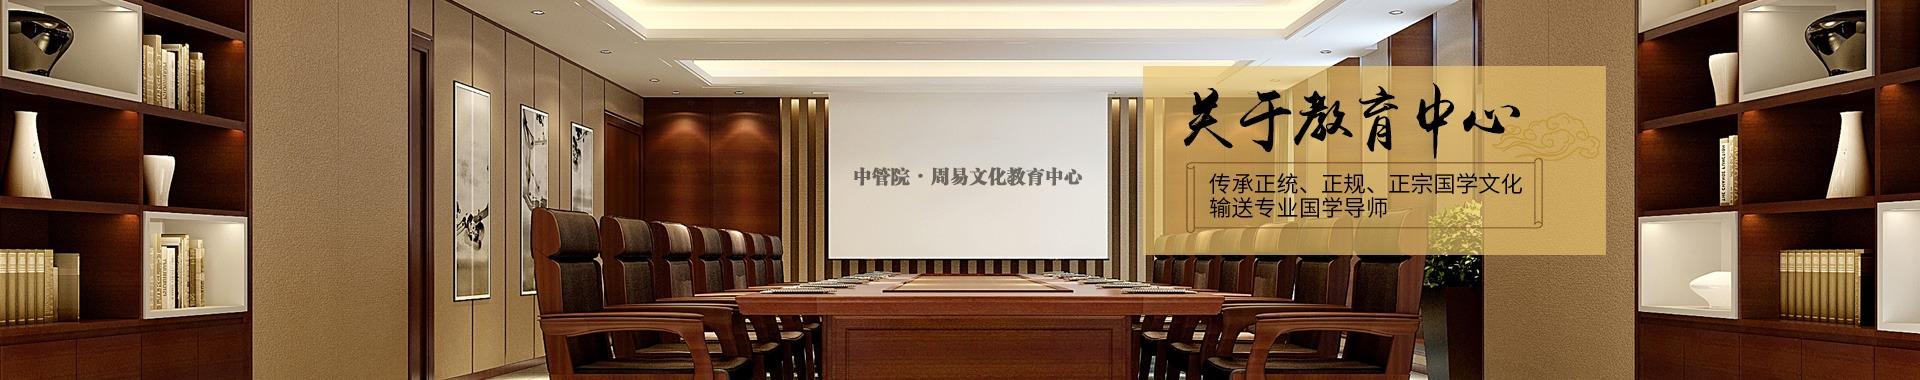 中管院·周易文化教育中心活动公告